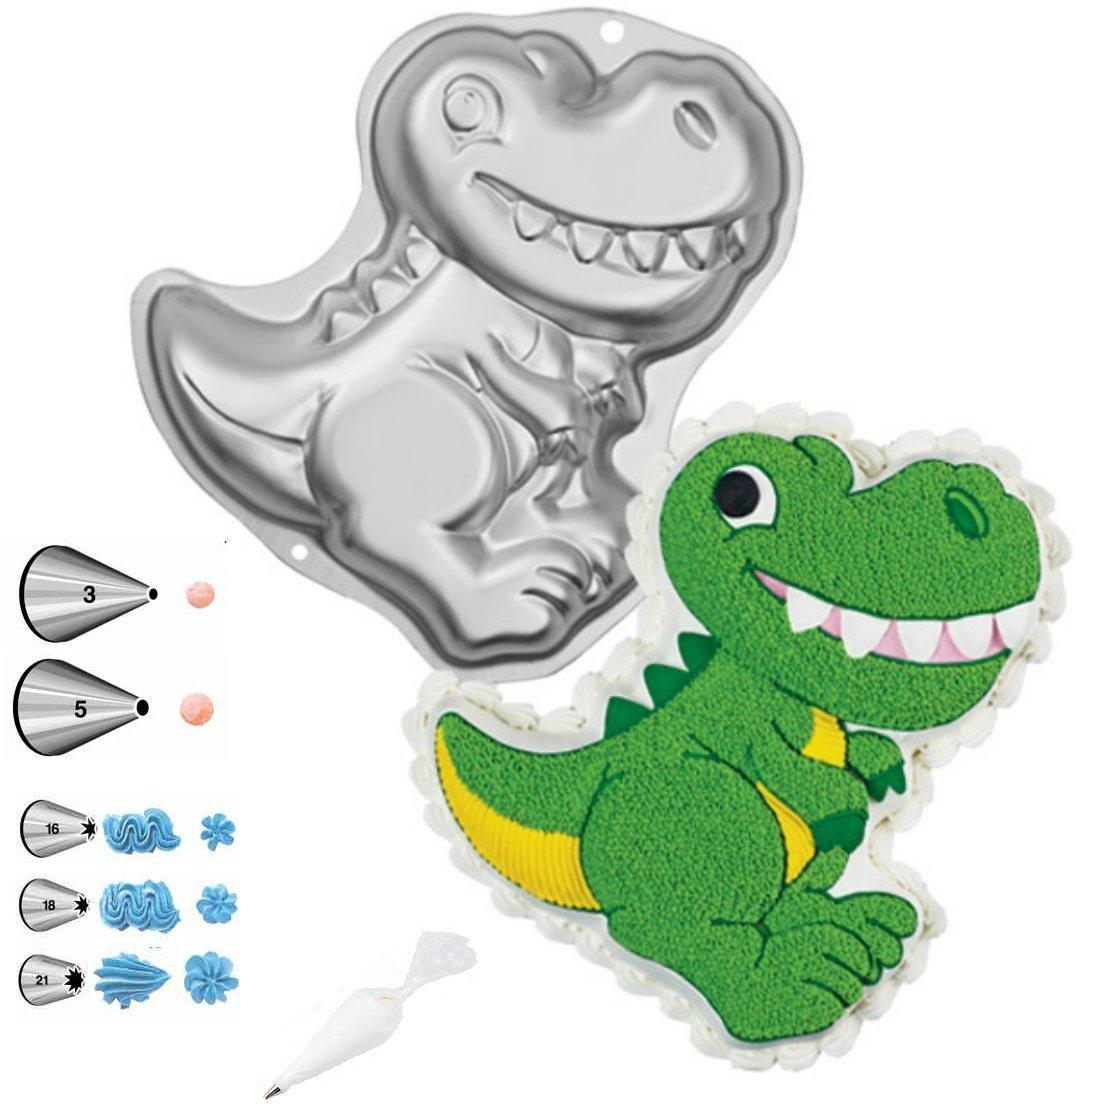 Wilton Dinosaur Shaped Cake Pan Bundle of 10 Items: Dinosaur Cake Pan, Decorating Tips and Decorating Bags